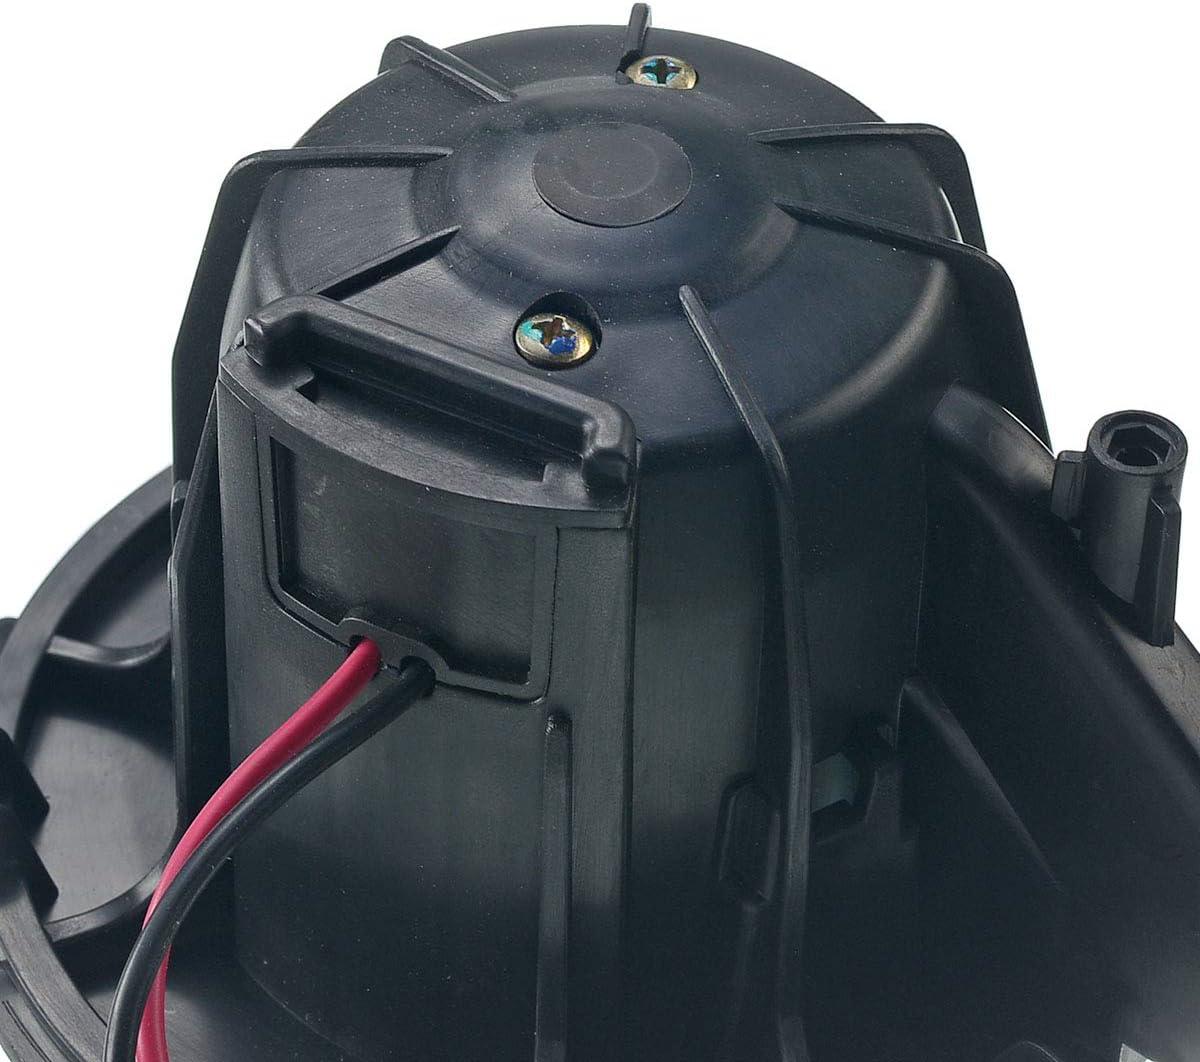 Innenraumgebläse Heizungsgebläse Lüftermotor Für A4 8k2 8kh B8 A5 8t3 8f7 8ta Q5 8rb 2007 2012 8k1820021b Auto